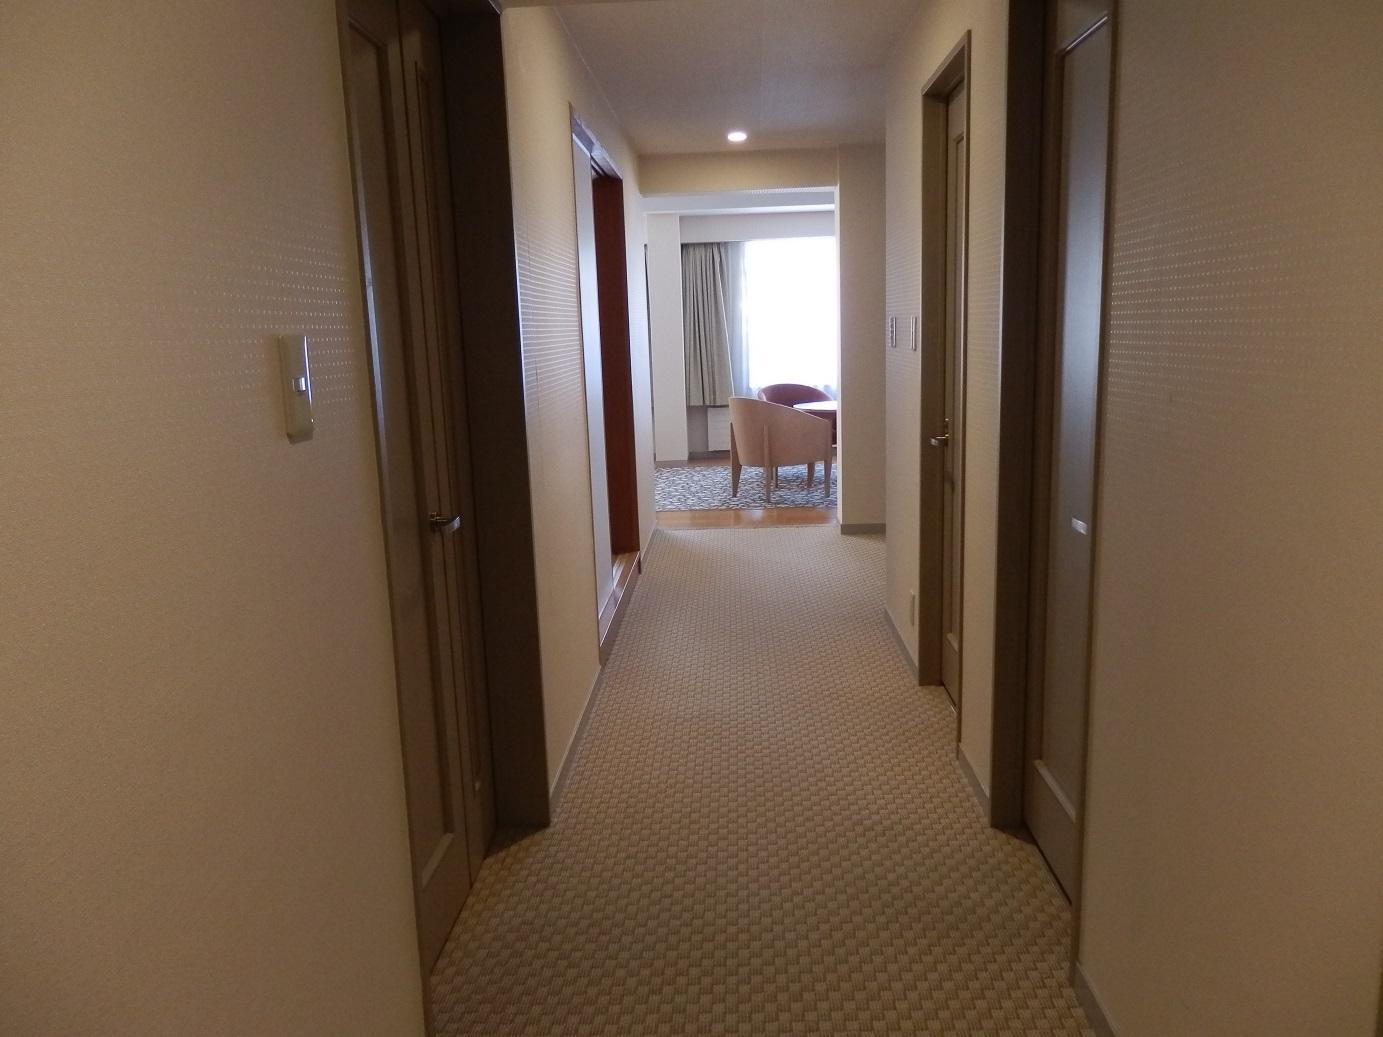 ホテルアンビエント蓼科、部屋廊下。